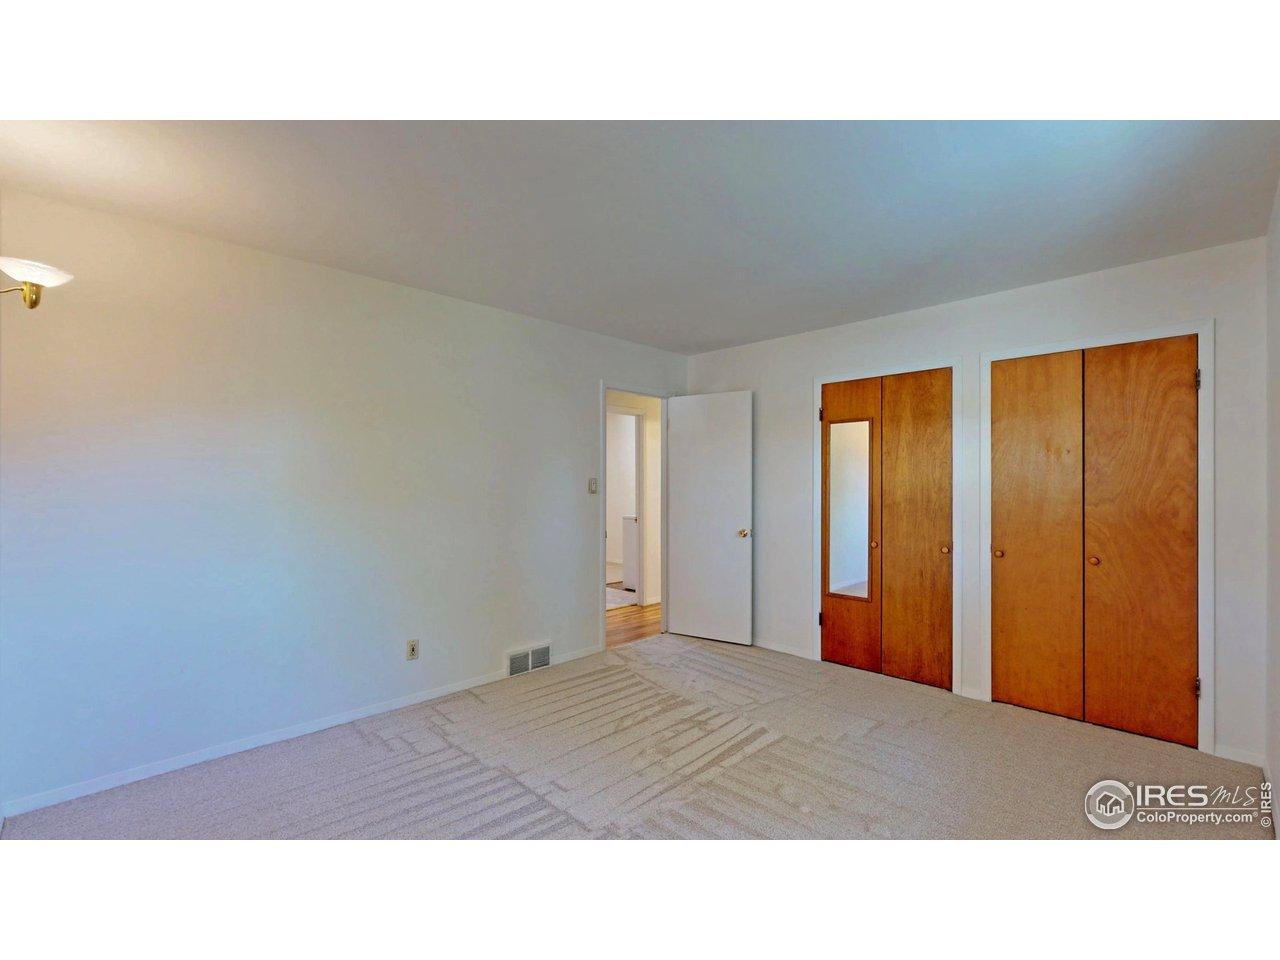 Bedroom 1 main floor